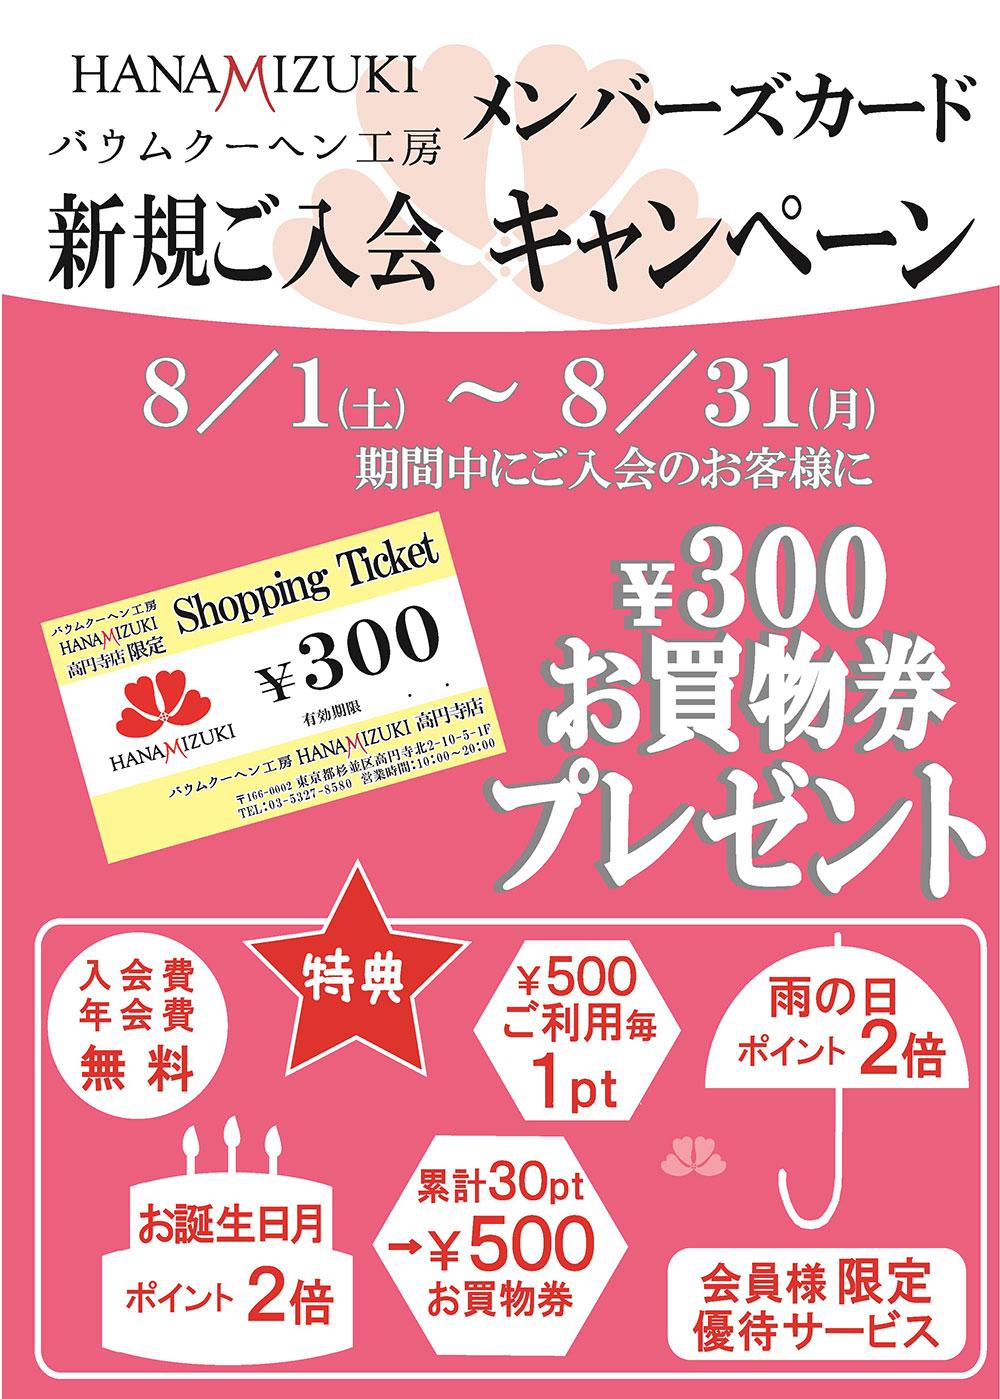 バウムクーヘン工房HANAMIZUKI 新規ポイントカード入会キャンペーン